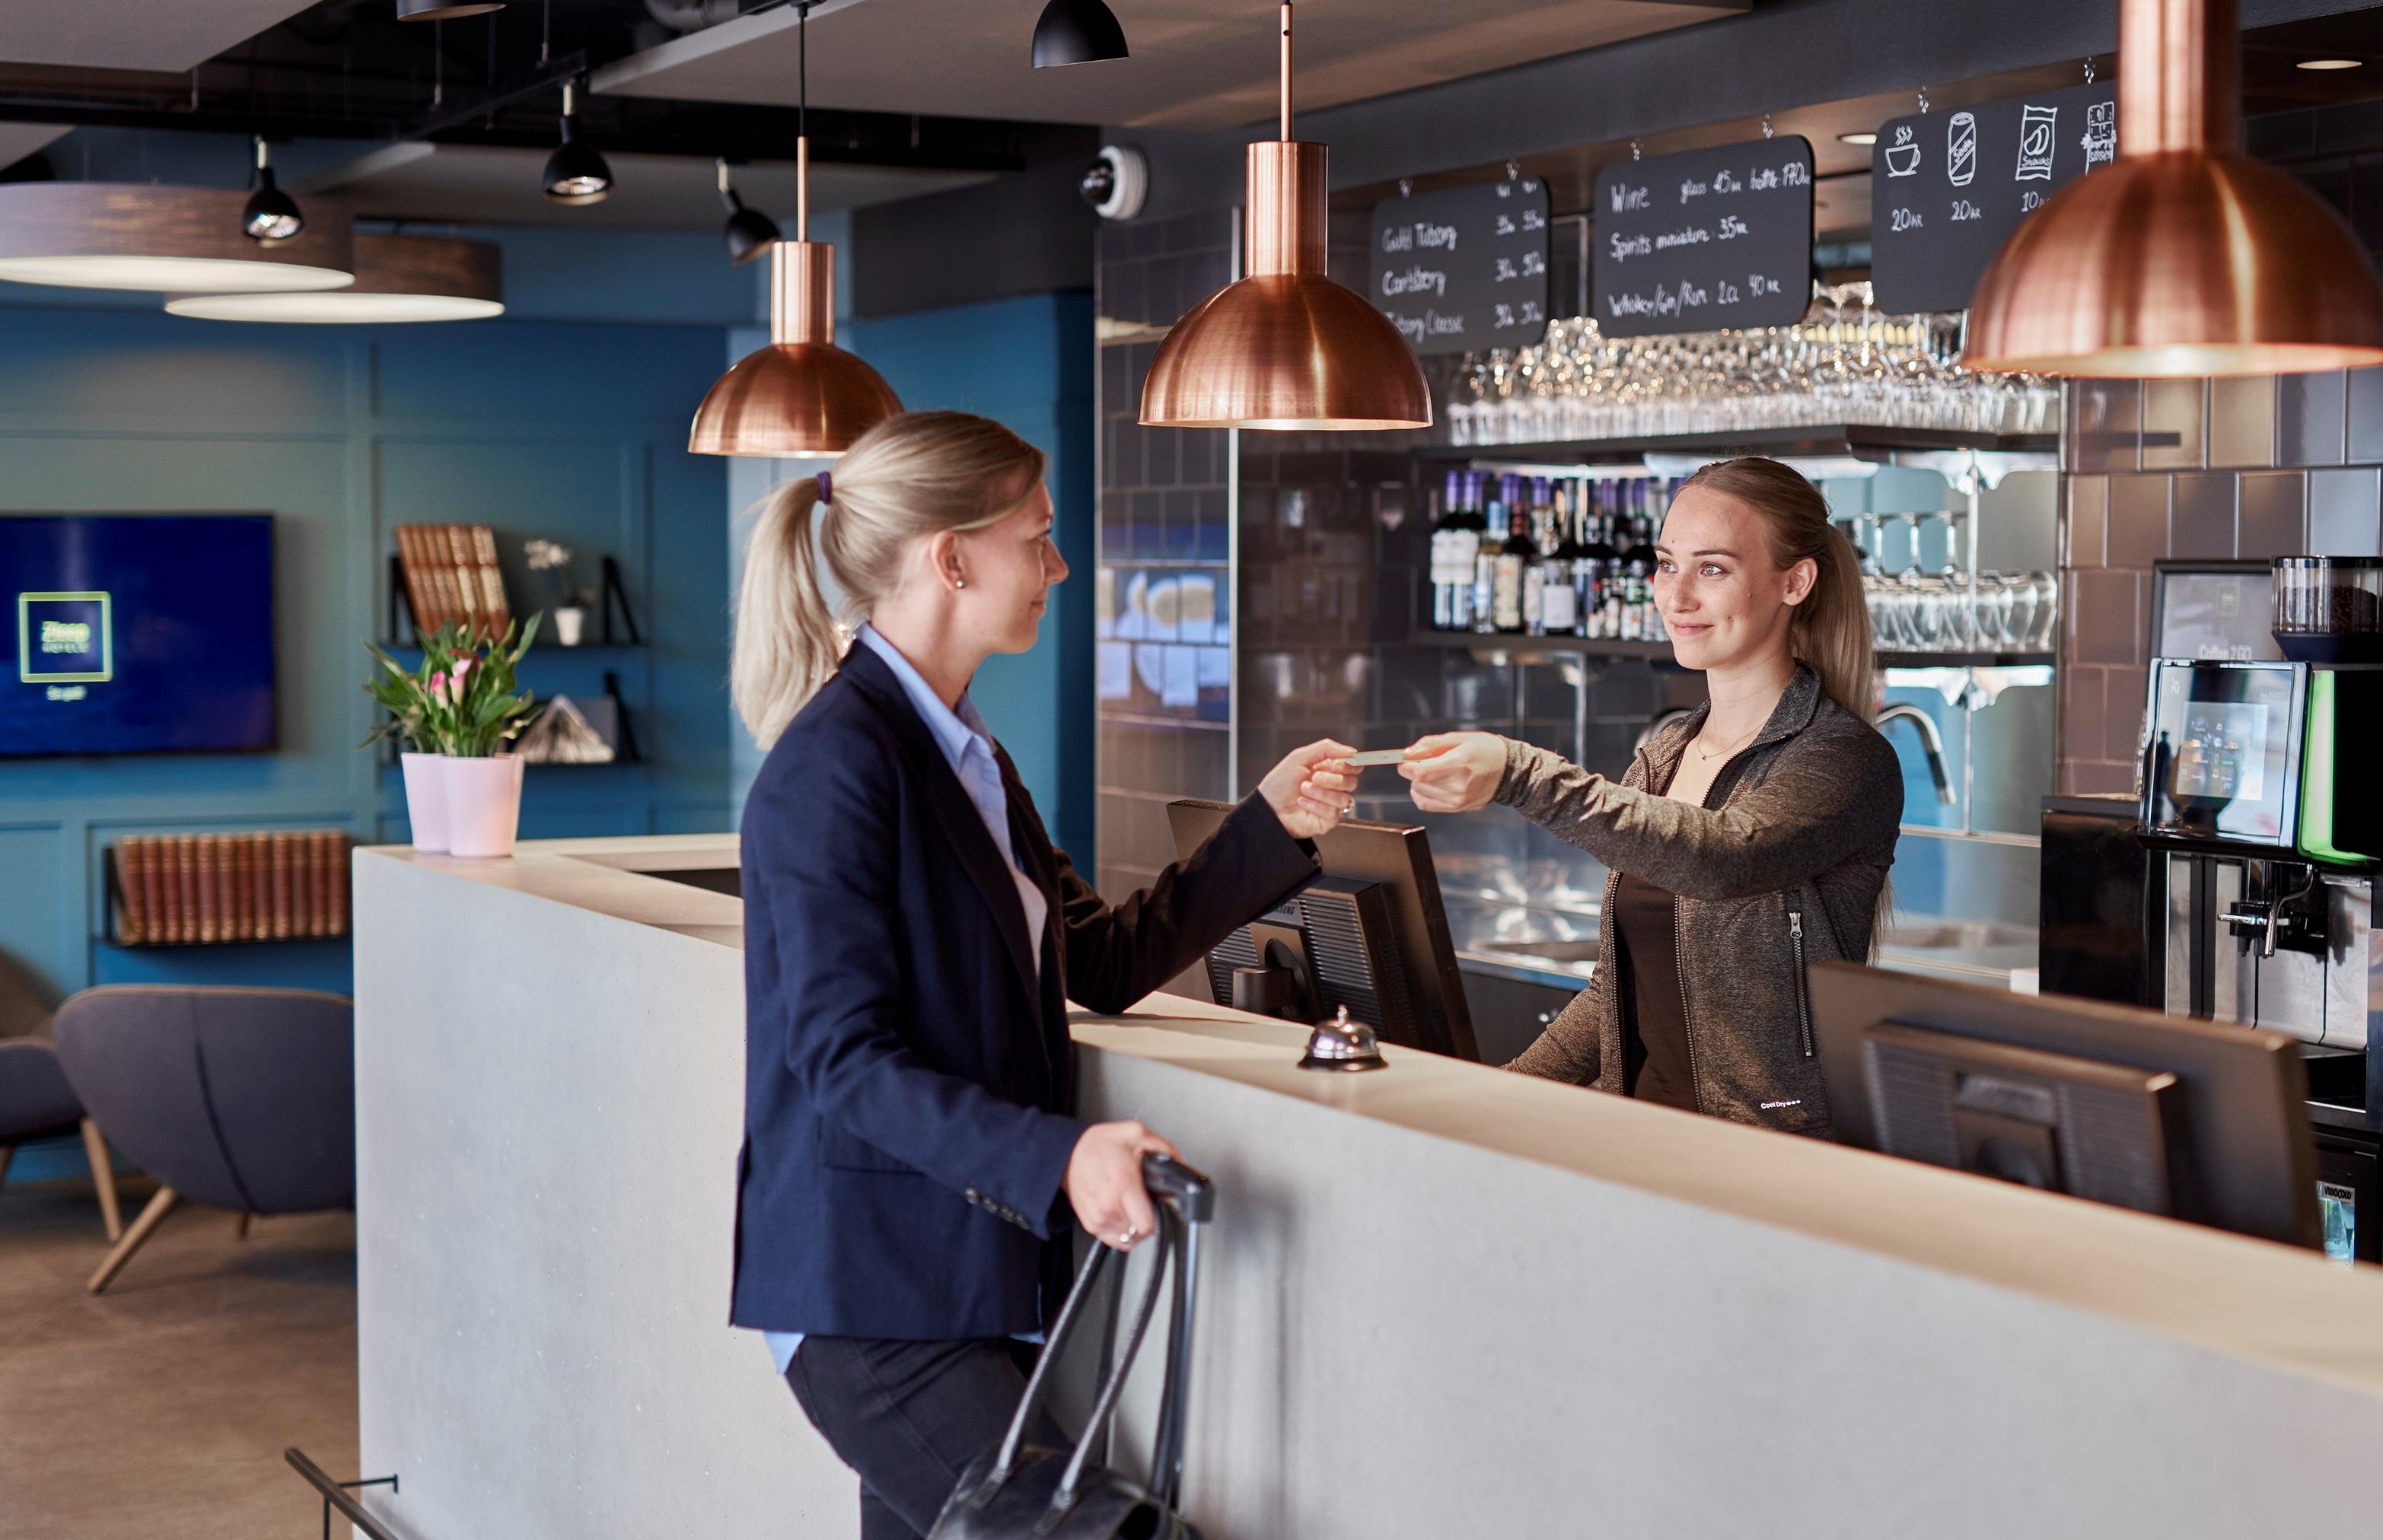 Zleep Hotels har vokseværk – der åbner fire nye hoteller alene i Danmark indenfor de næste to år. Derfor har lavpriskæden nu ansat Lisbeth Simonsen som salgsdirektør. Arkivfoto: Zleep Hotels.